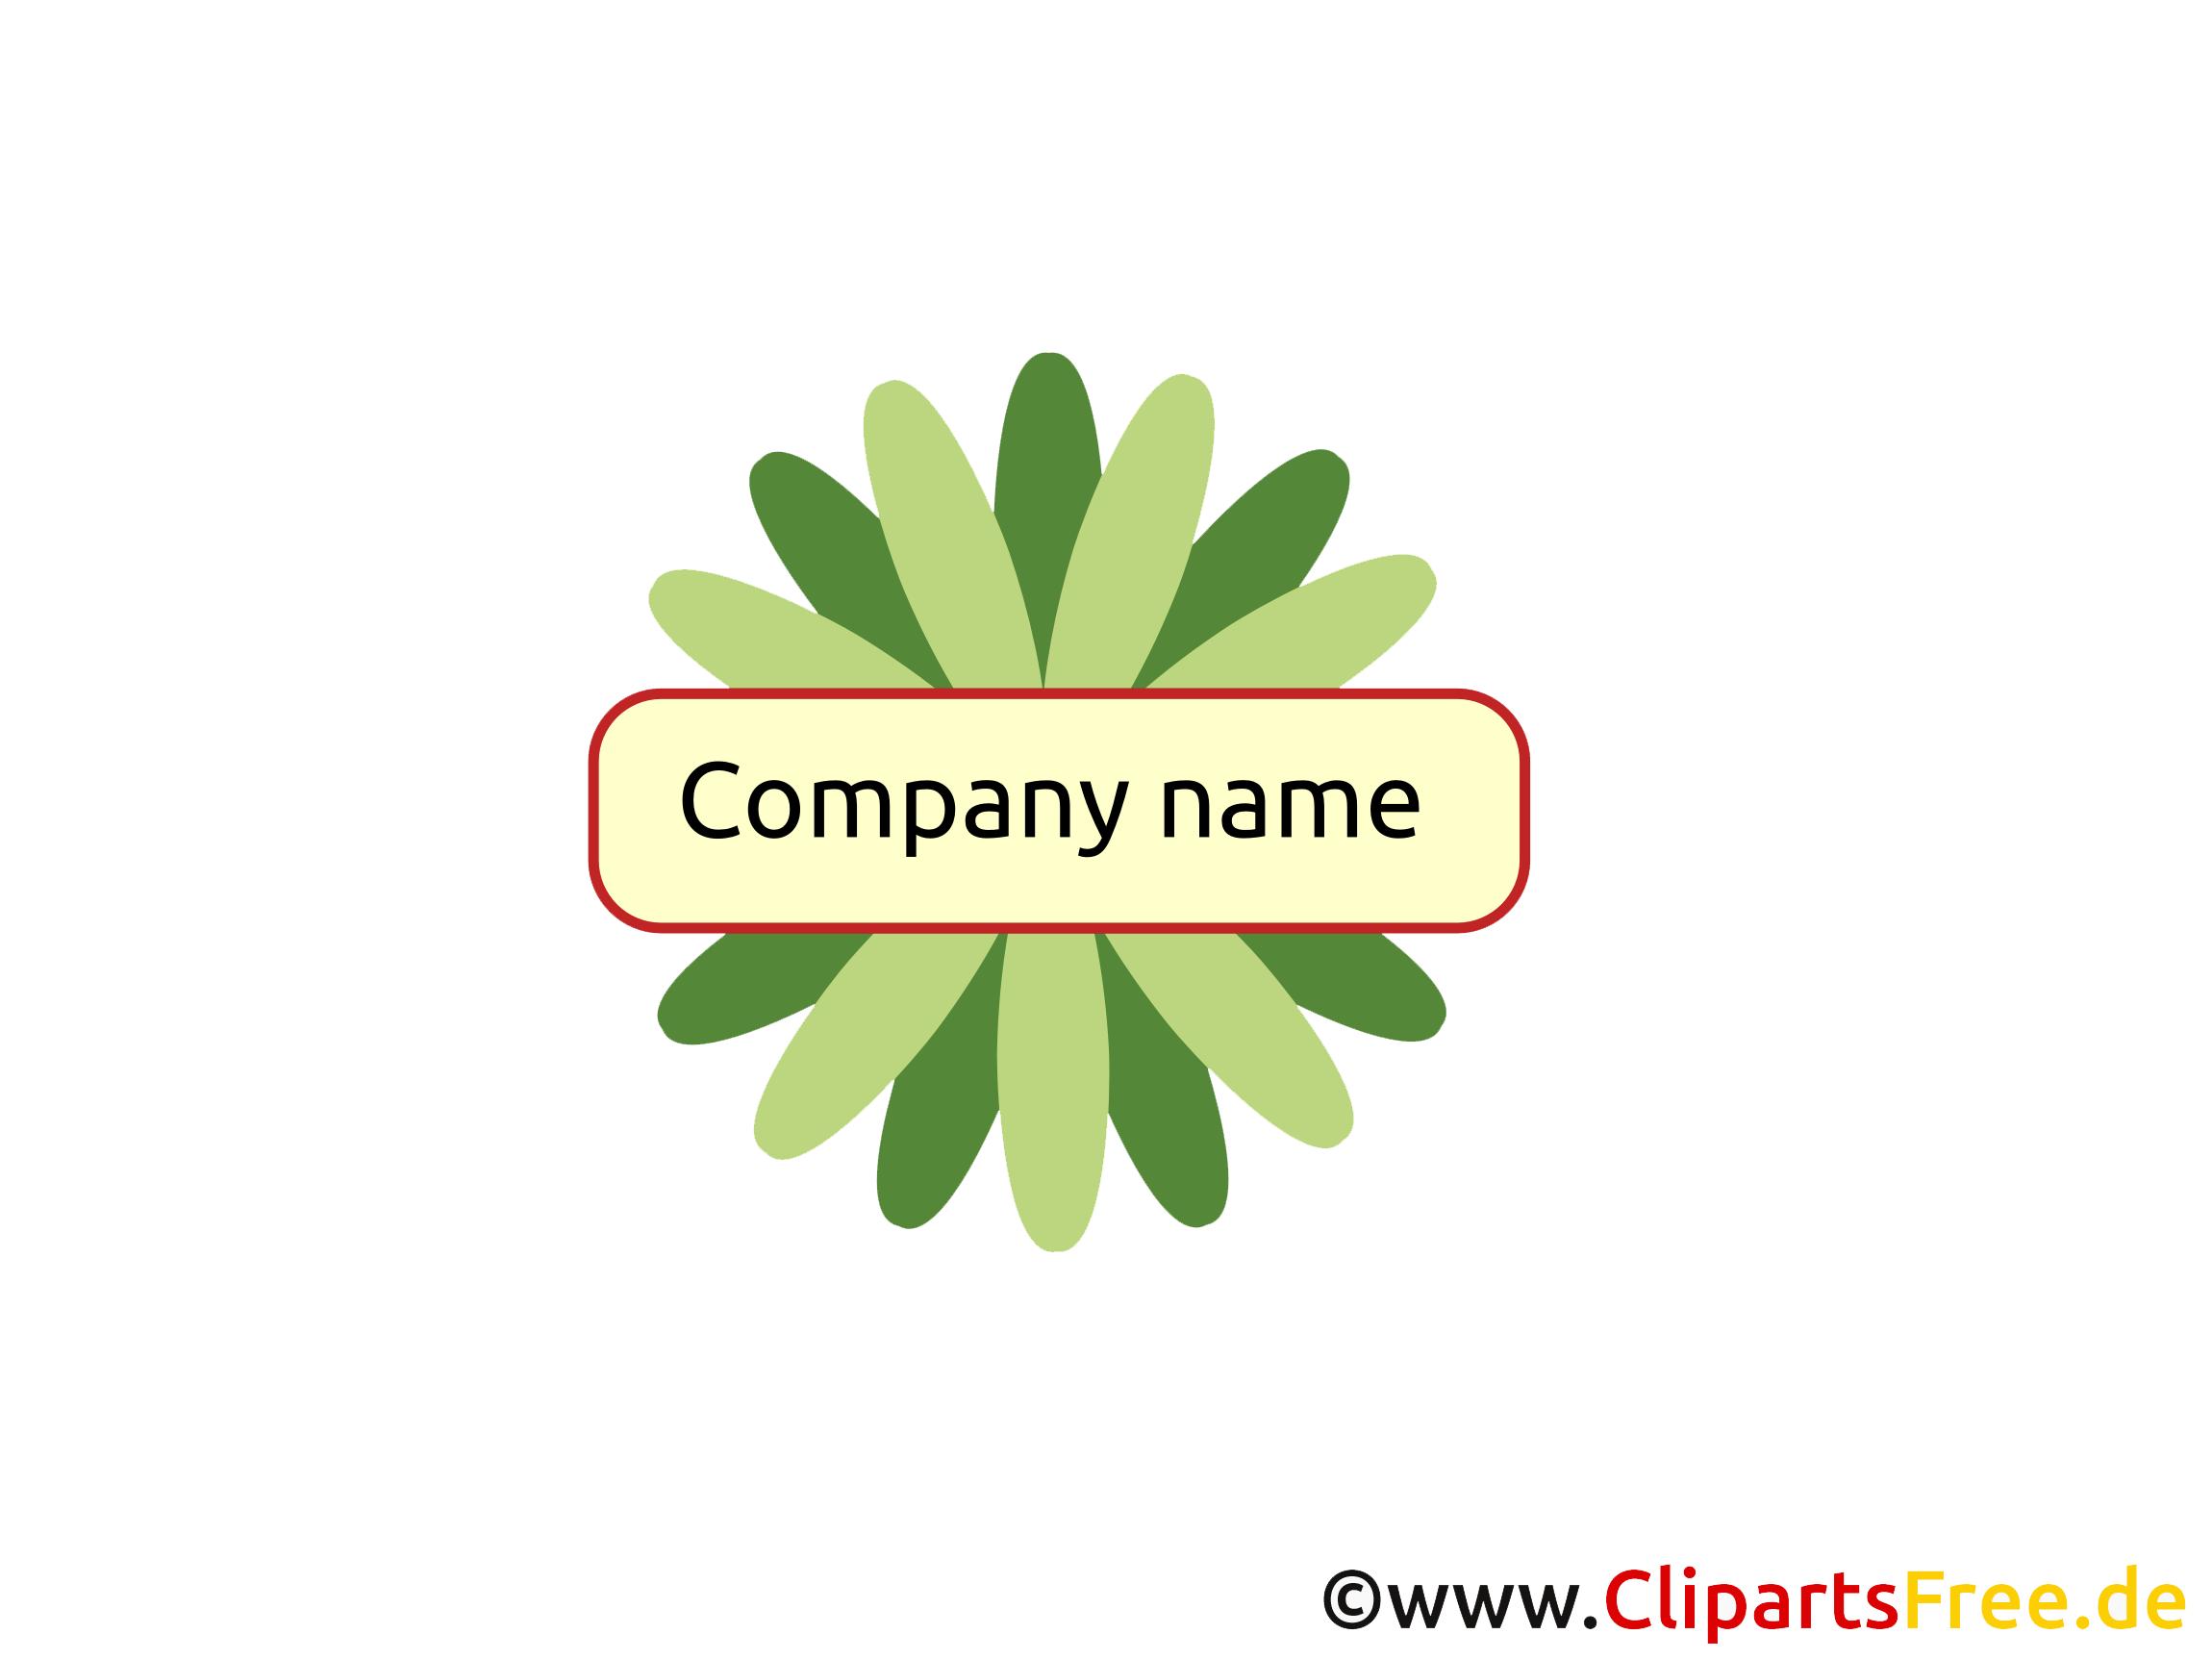 Entreprise image à télécharger – Logo clipart